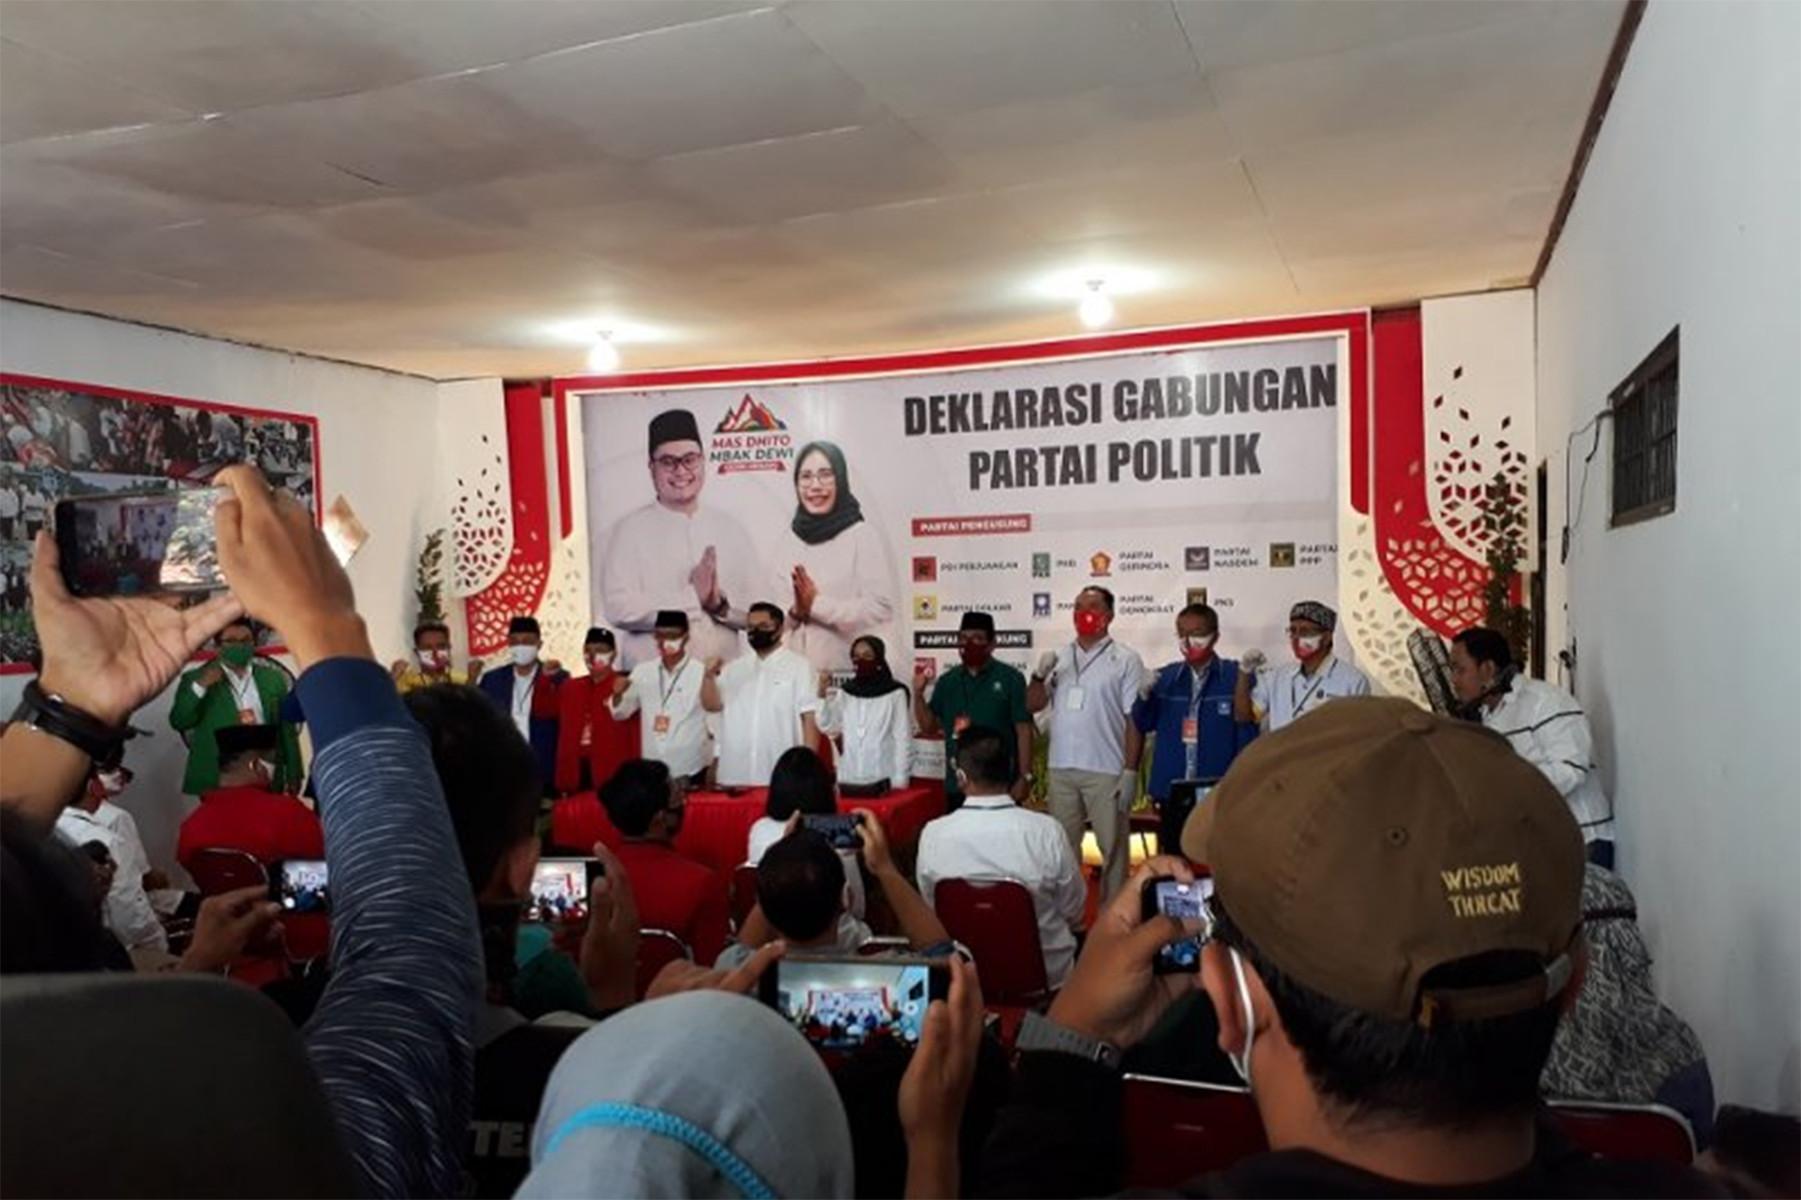 Kok Bisa Sepatu Taufiq Kiemas Ada di Anak Pramono Anung? - JPNN.com